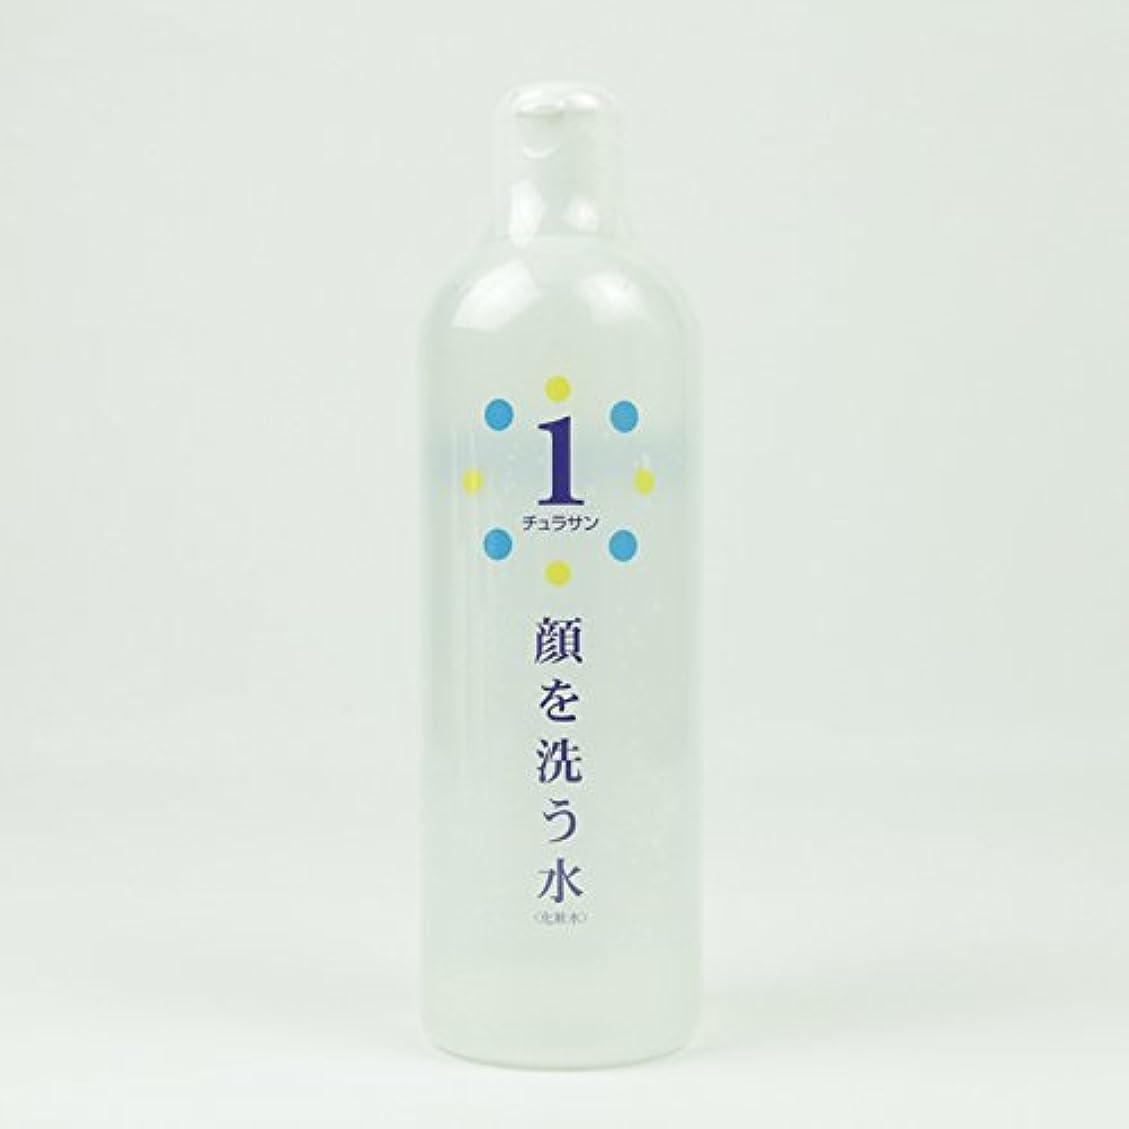 部屋を掃除するたるみましいチュラサン1 【顔を洗う水】 500ml